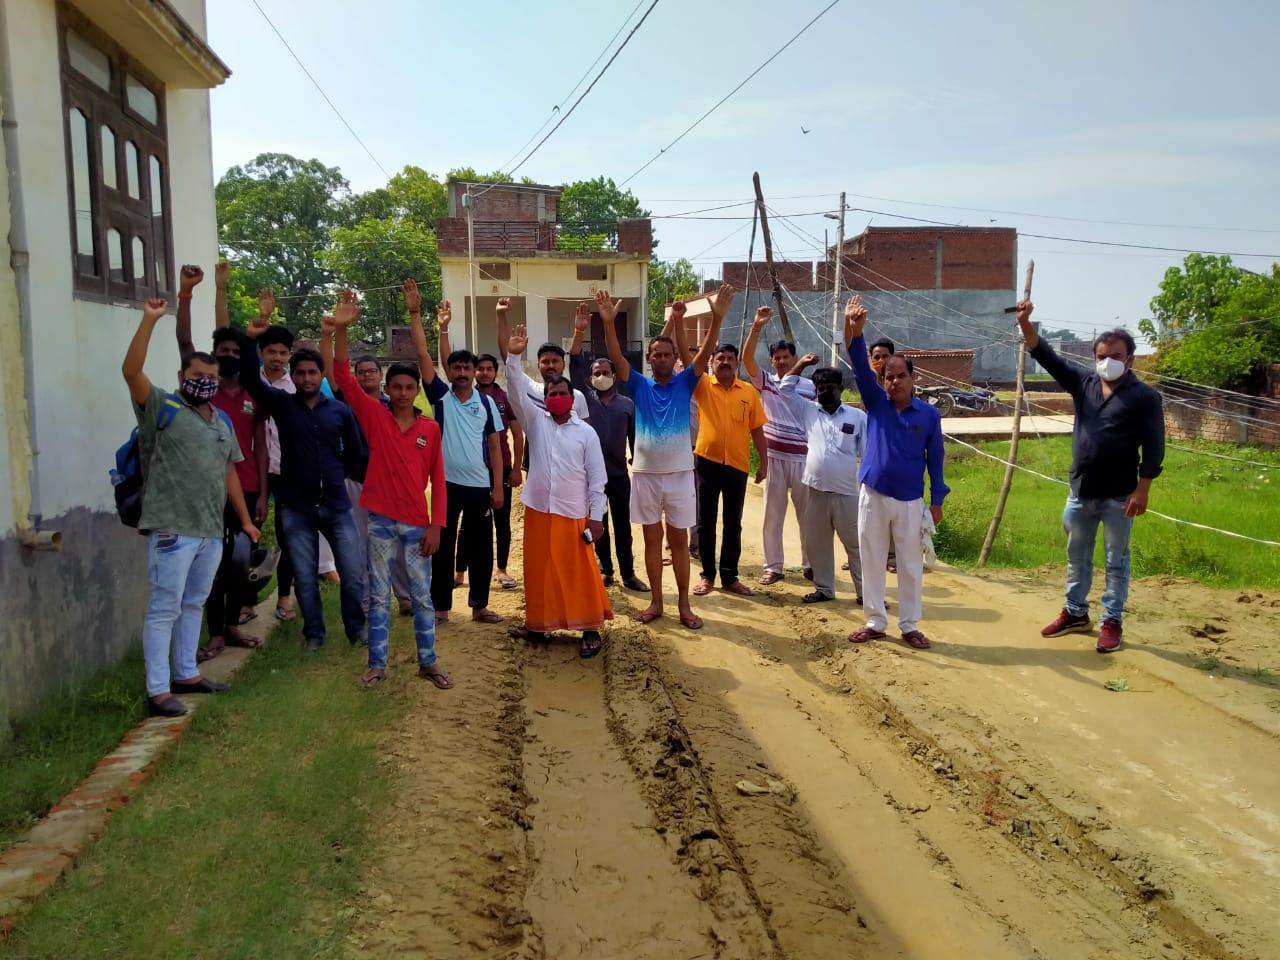 सड़क सुधार के लिए नगर निगम ने जारी किया था 74 लाख का बजट, आधे पर काम छोड़कर 10 महीने से ठेकेदार फरार|गोरखपुर,Gorakhpur - Dainik Bhaskar